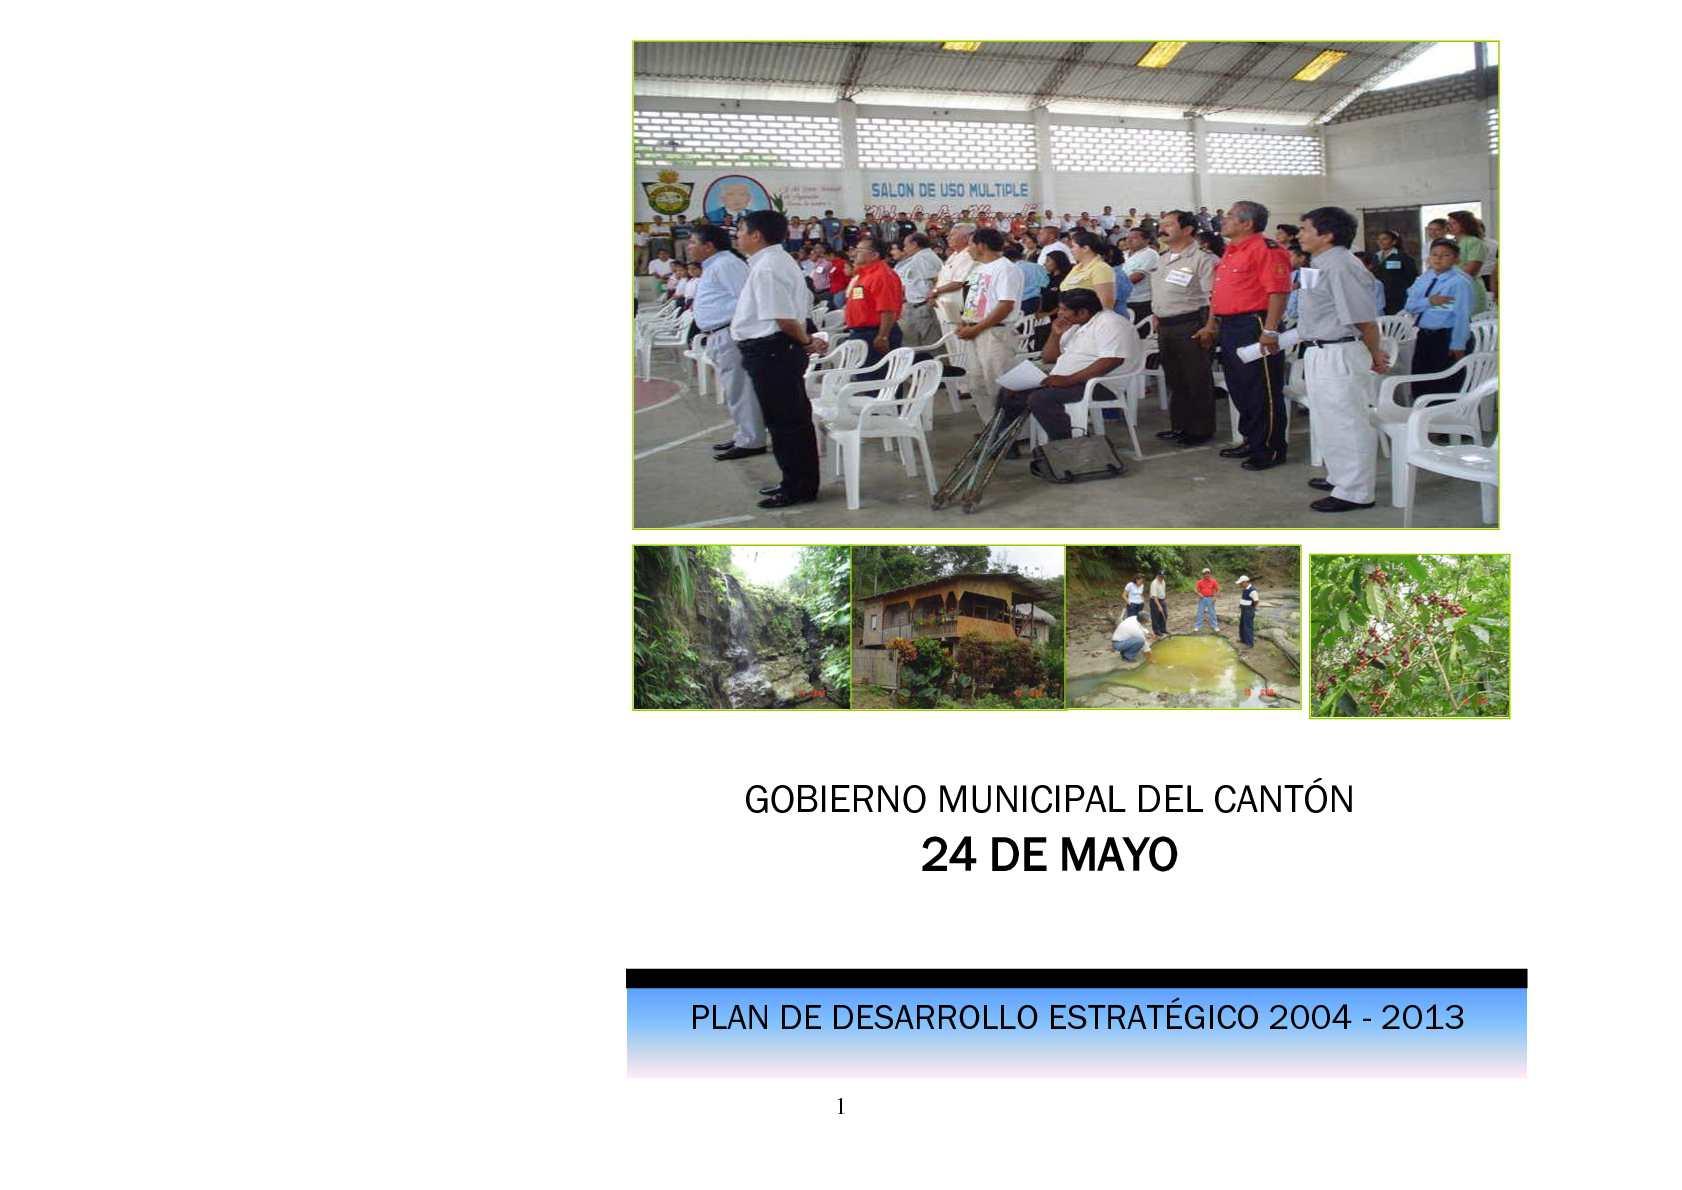 Calaméo - Resumen Sociocutural 0dbcad6ac94